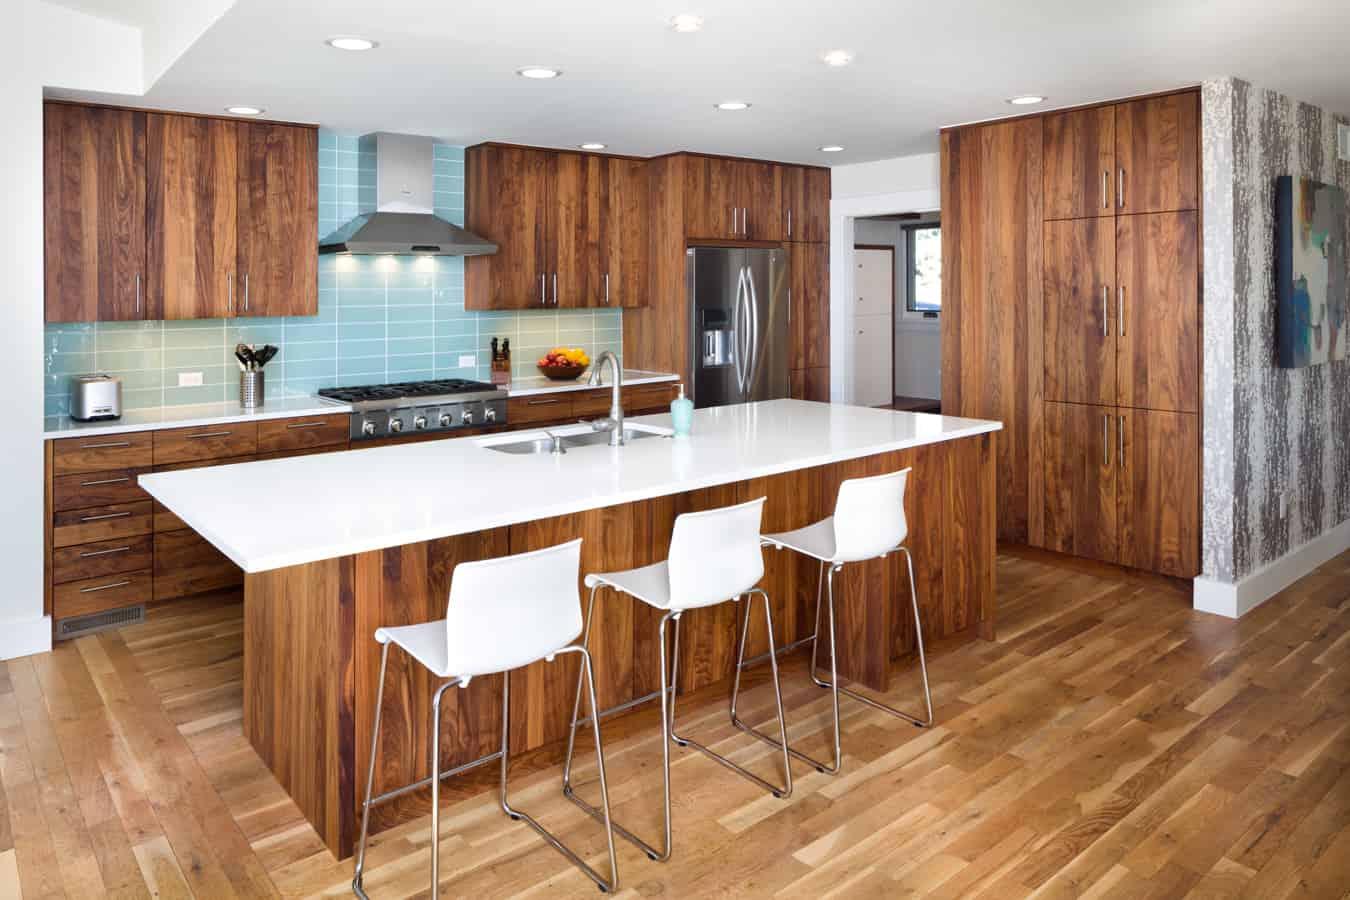 Renovated Kitchen Photo